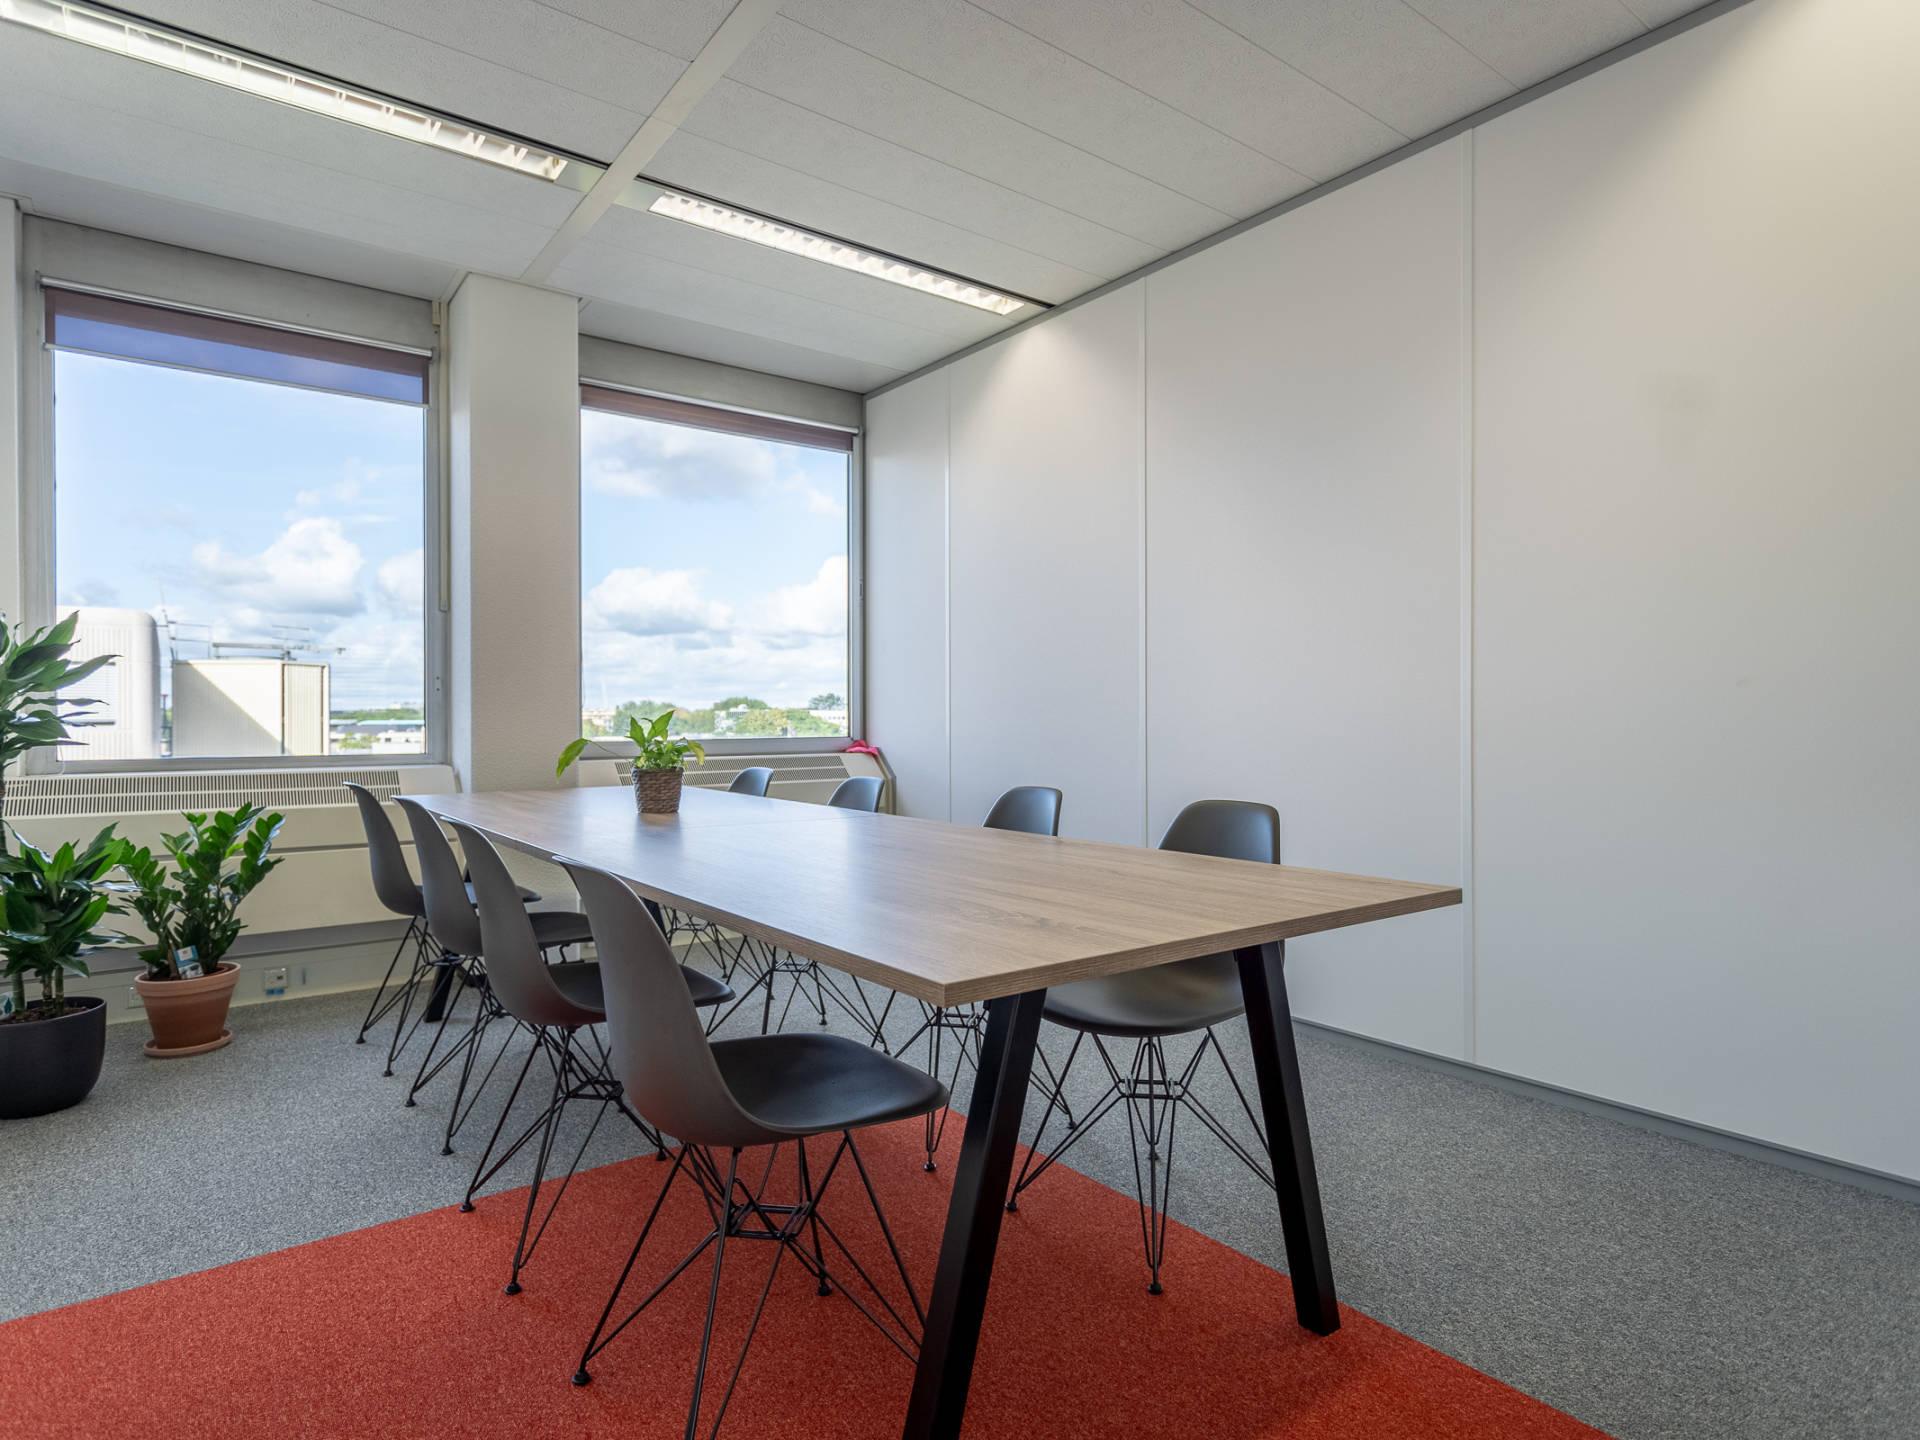 Holland Startup gaat voor New Work kantoorinrichting